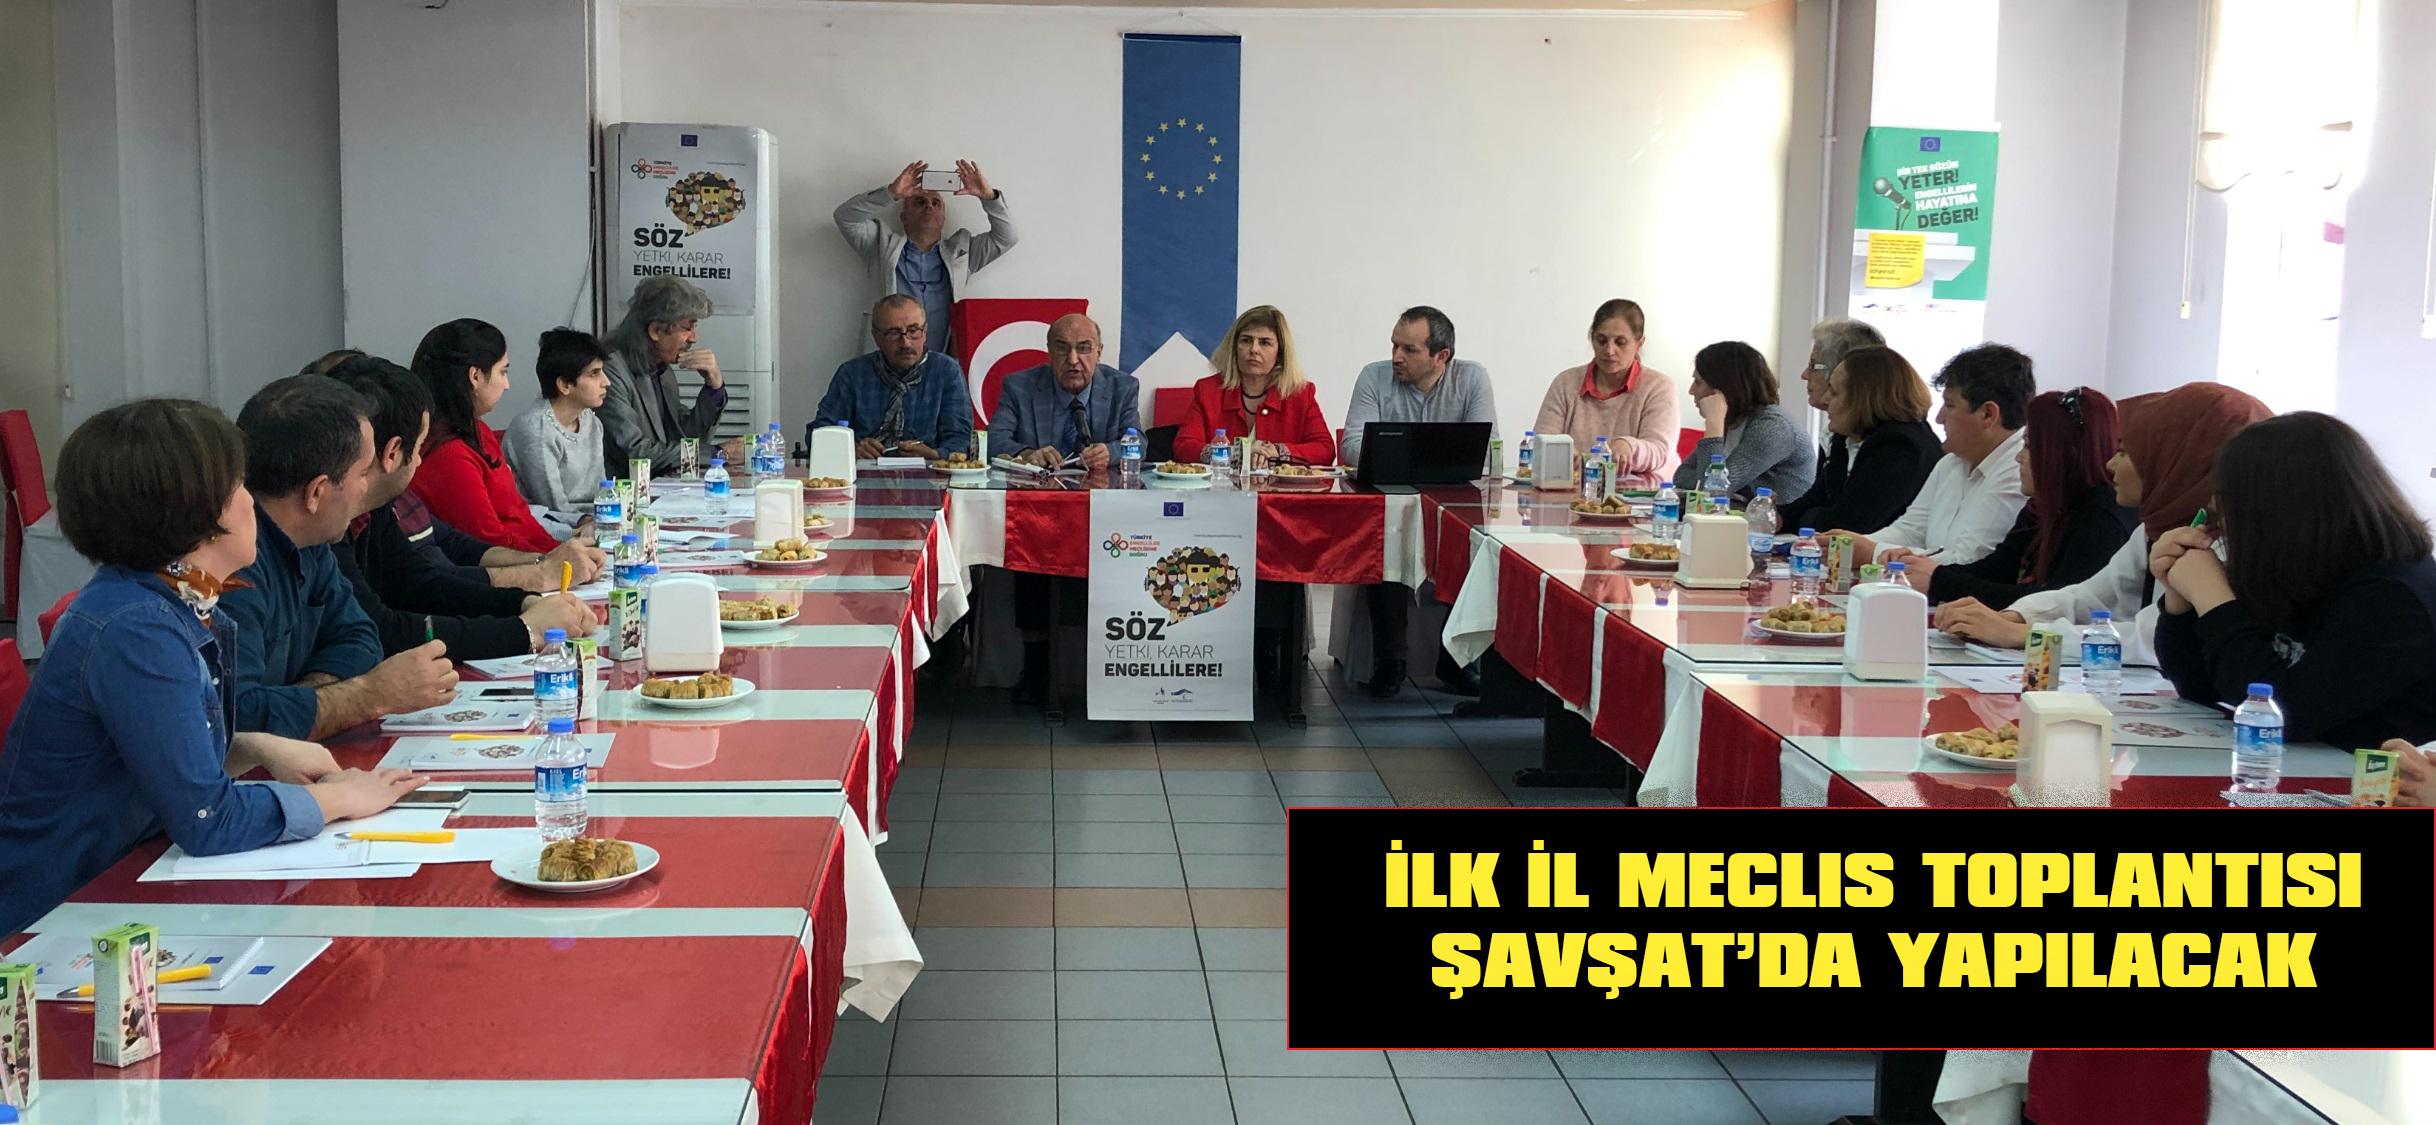 İlk İl Meclis Toplantısı Şavşat'da Yapılacak